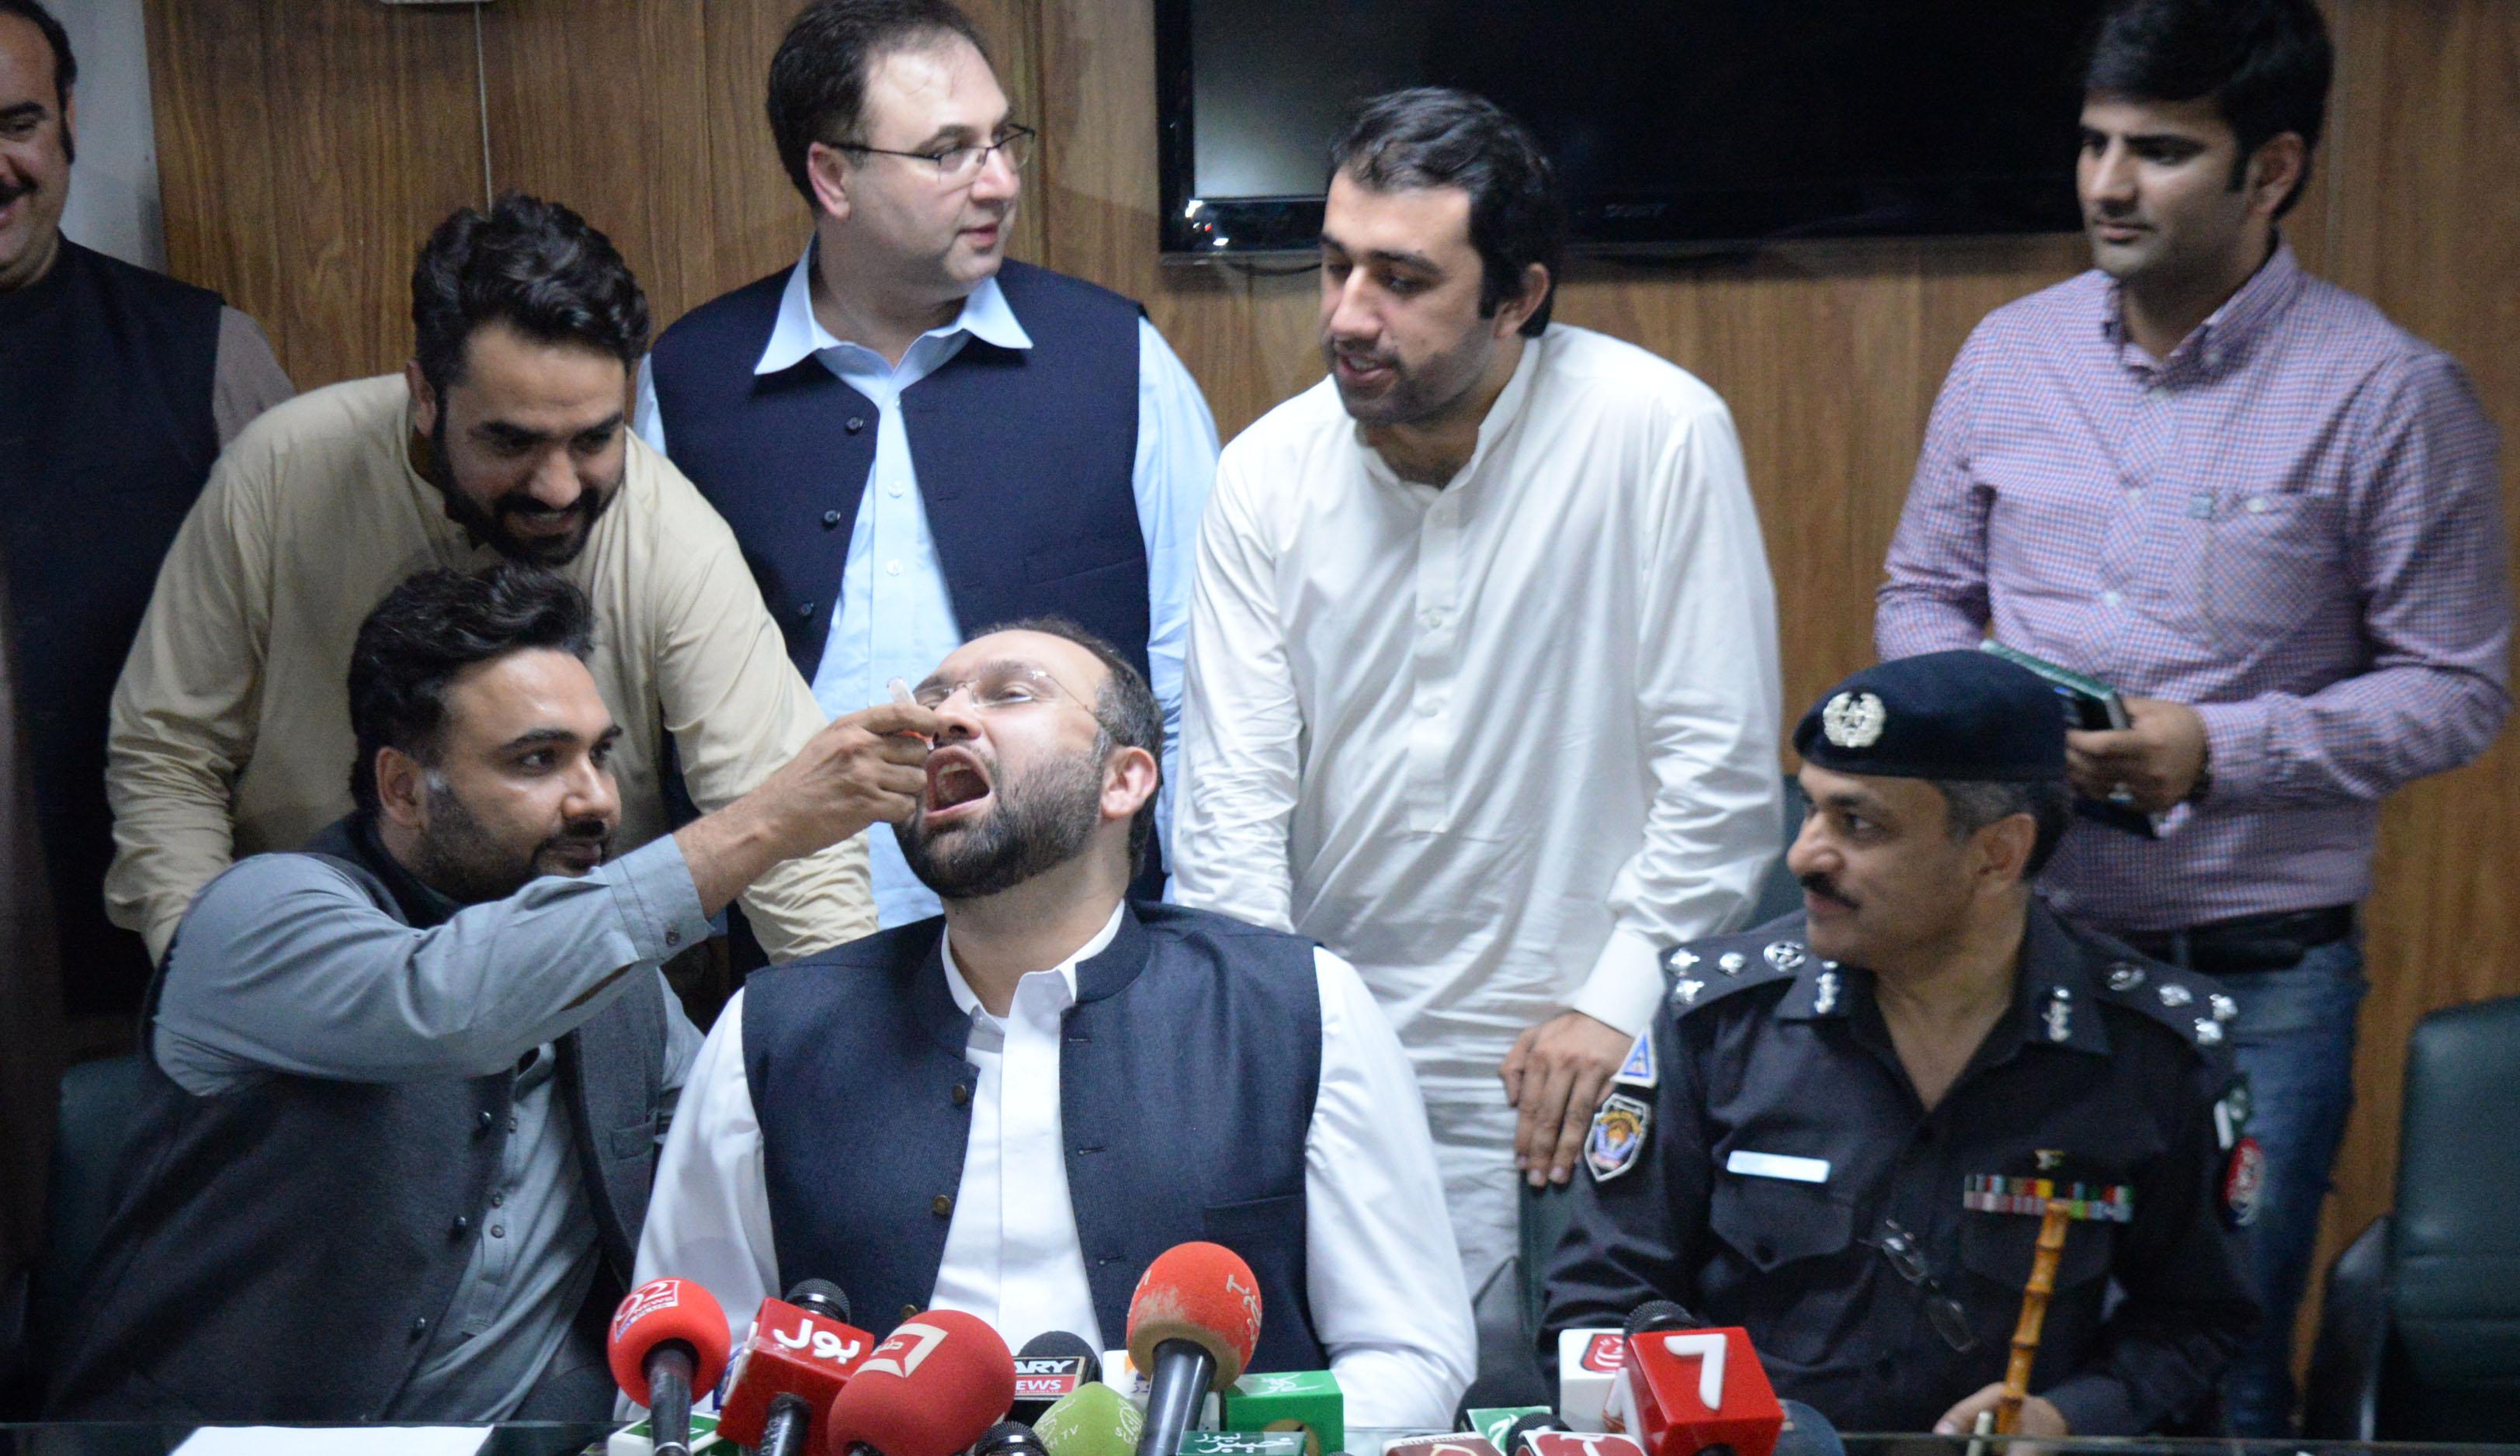 جعلی ویڈیوز کی وجہ سے سراسیمگی پھیلنے کے بعد پاکستان کا پولیو ویکسینیشن جاری رکھنے کا عہد